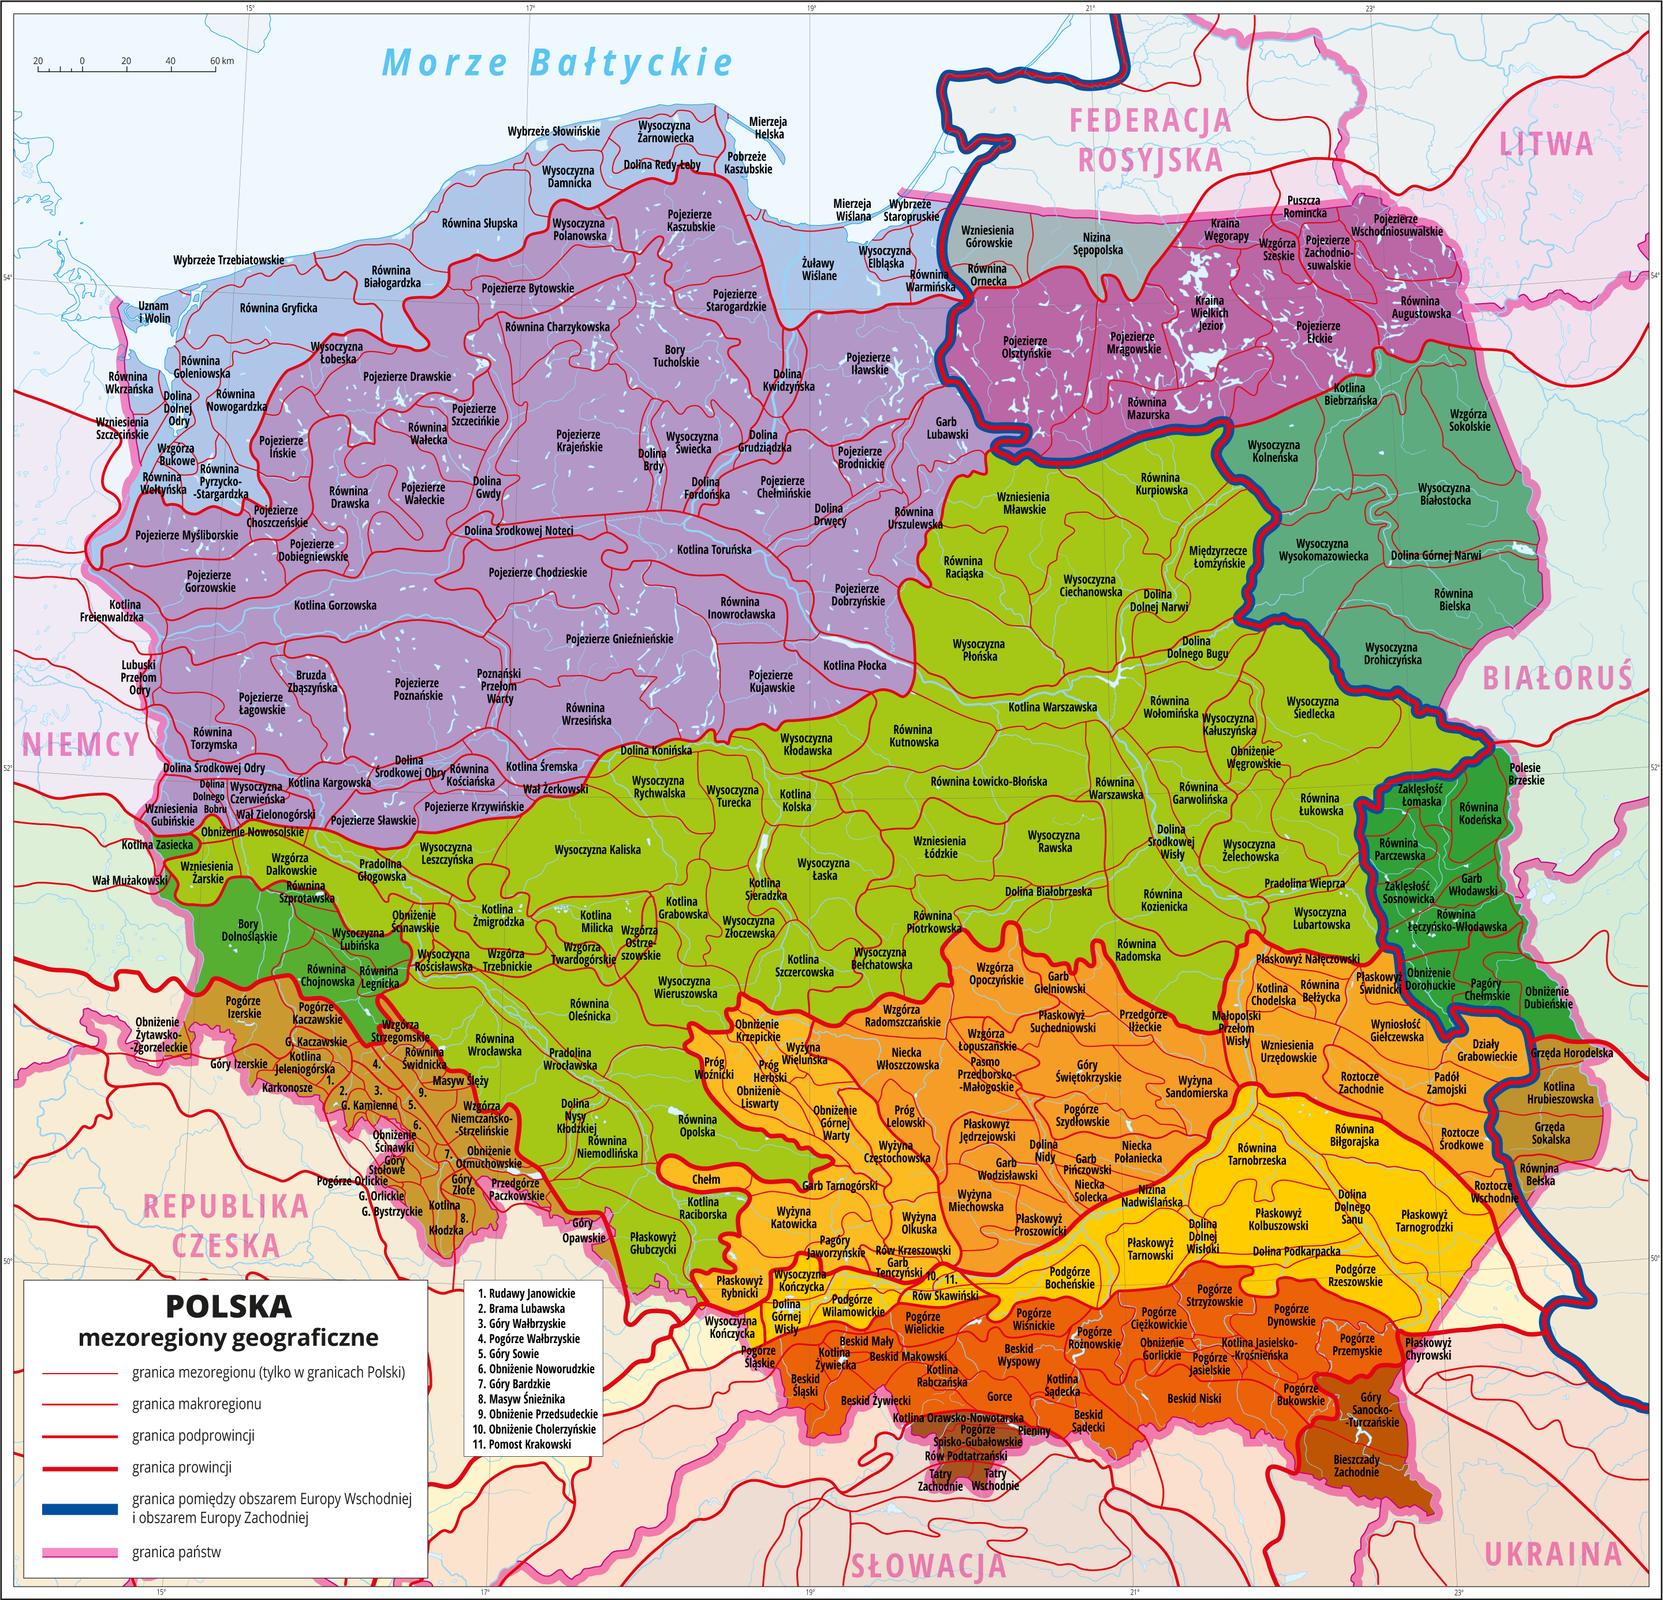 Ilustracja przedstawia mapę Polski zwydzielonymi różnymi odcieniami koloru czerwonego, pomarańczowego izielonego prowincjami geograficznymi. Zaznaczono granice między podprowincjami geograficznymi wramach wydzielonych wcześniej prowincji. Zaznaczono granice makroregionów wobrębie podprowincji. Wkażdej podprowincji wydzielono kilka makroregionów. Cienkimi szarymi liniami zaznaczono granice mezoregionów wobrębie makroregionów iopisano je. Wkażdym makroregionie wydzielono kilka mezoregionów.